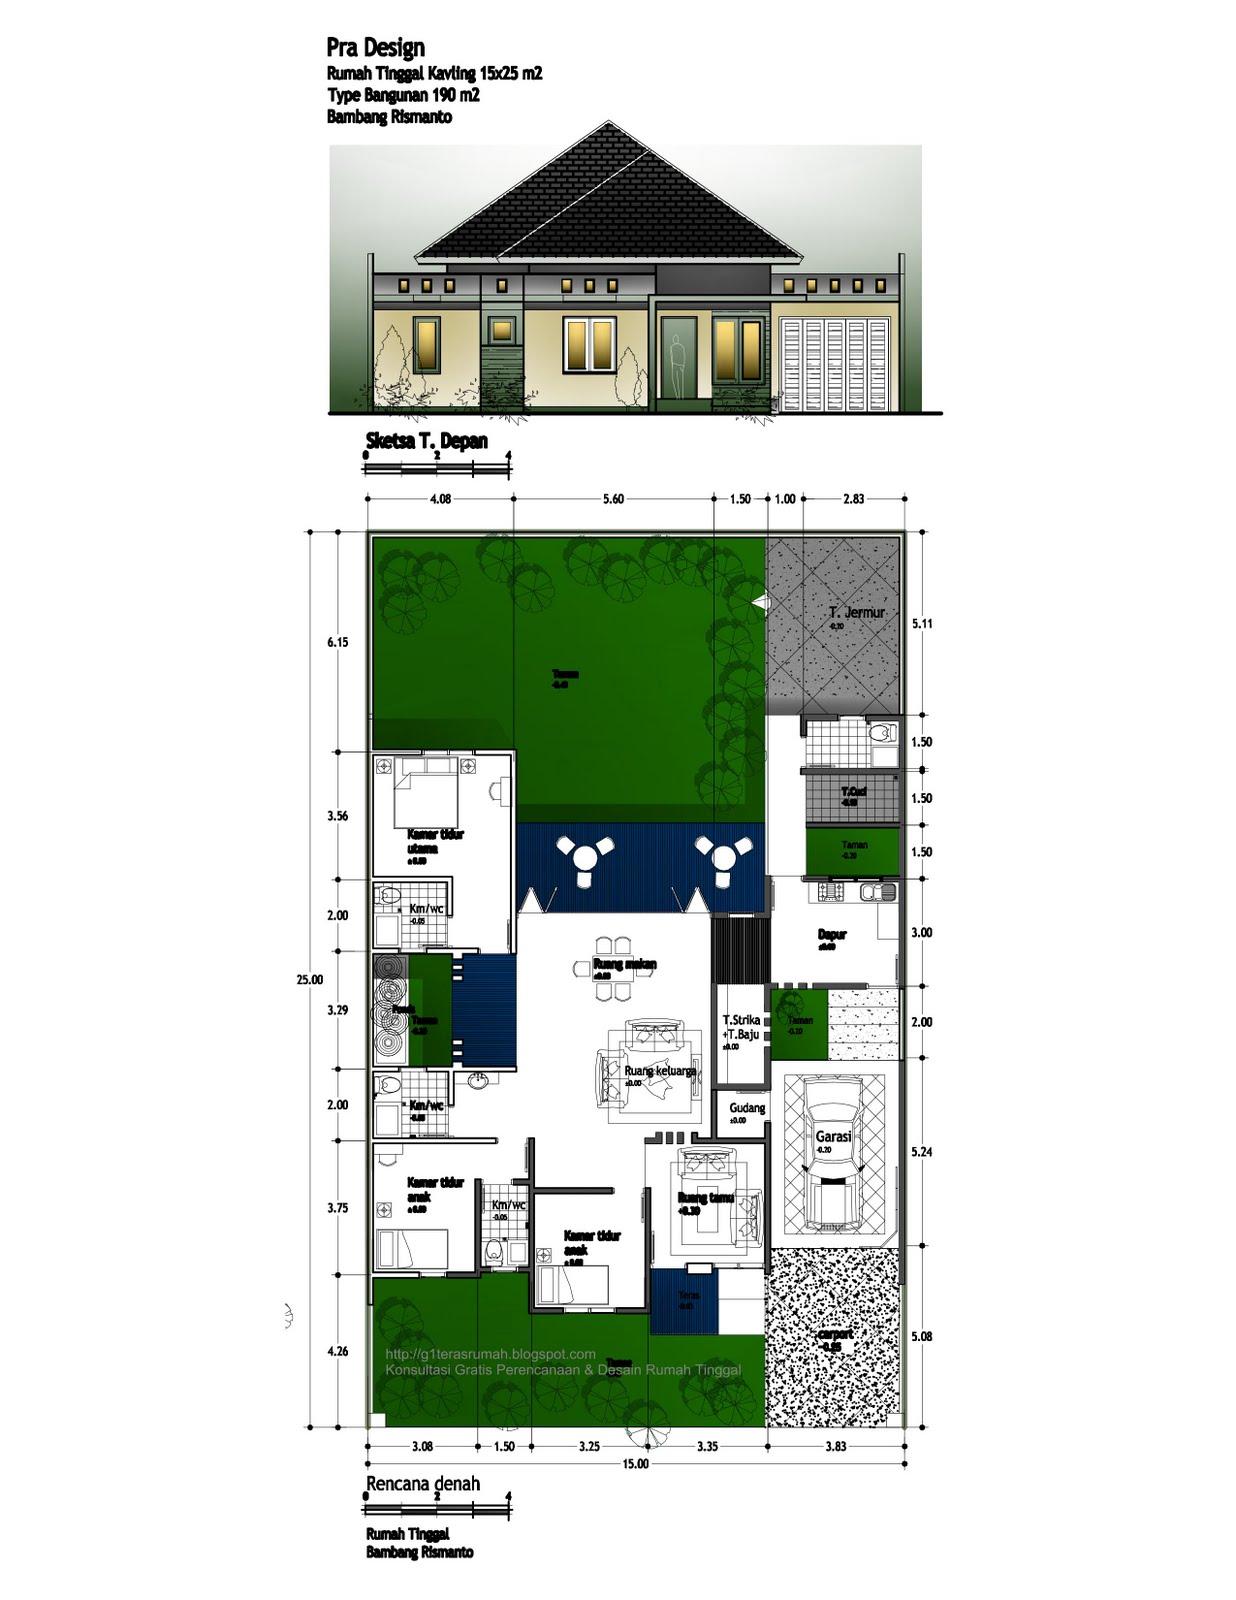 Rumah Tinggal Luas 190 m2 di lahan 15—25 m2 order Bambang